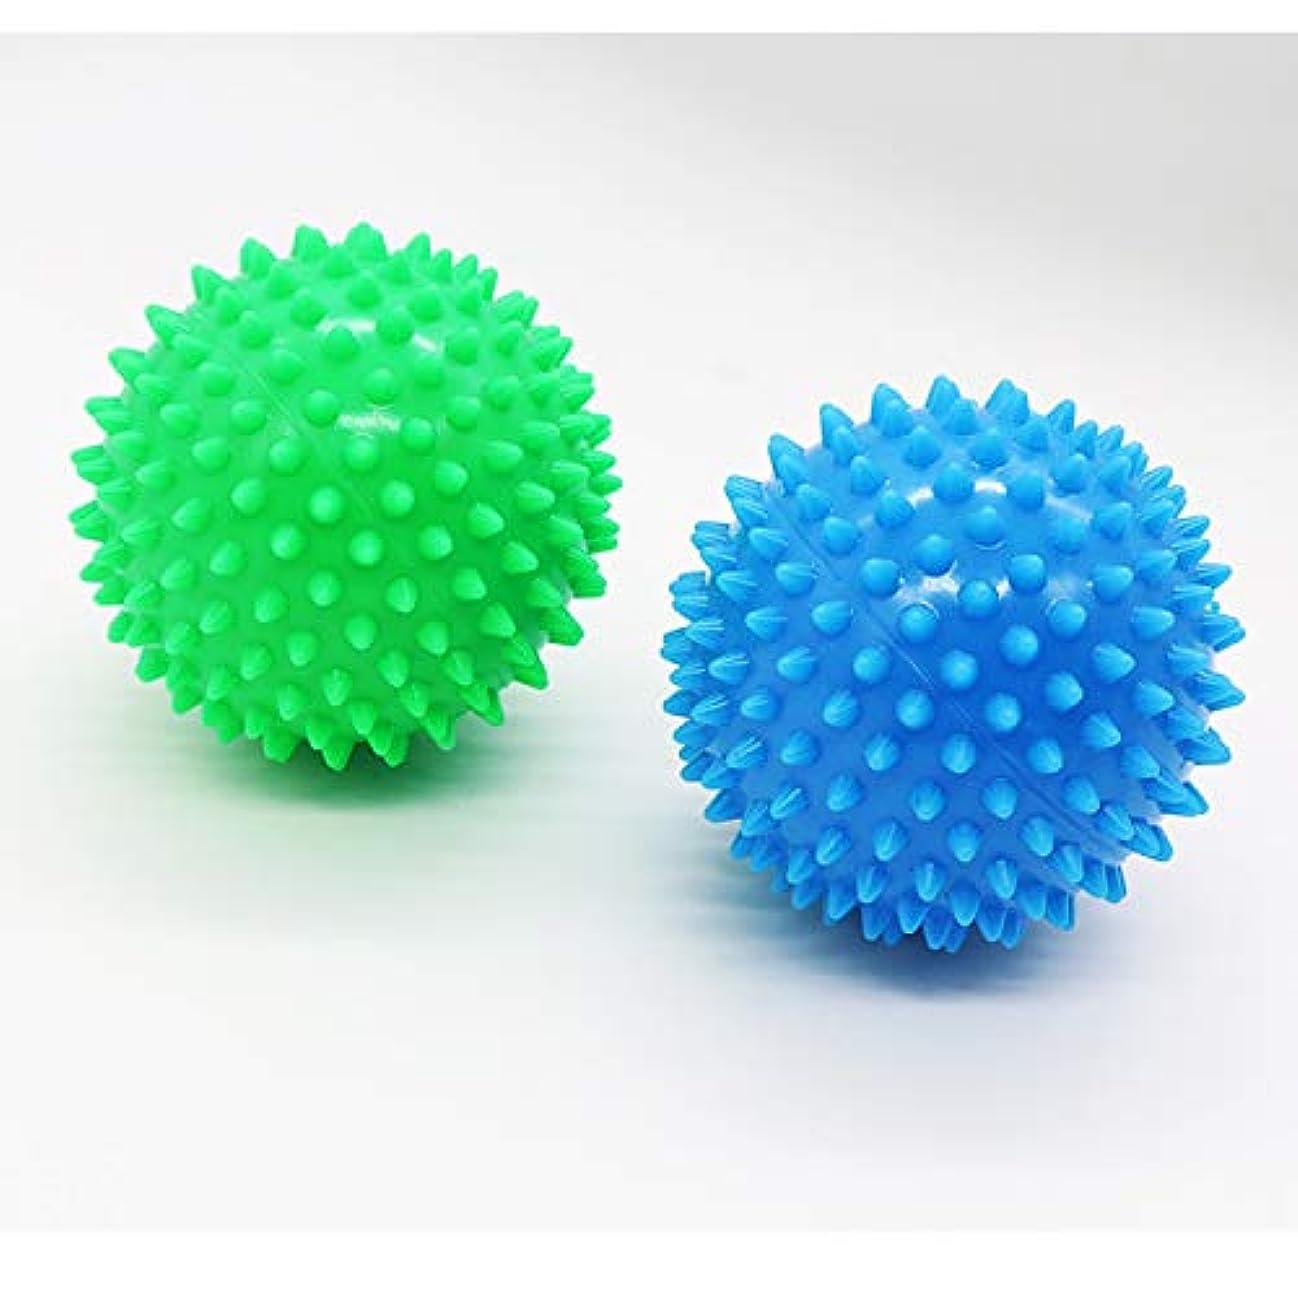 遺産強風過敏なDreecy マッサージボール(2個セット)触覚ボール リフレックスボール トレーニングボール  ポイントマッサージ 筋筋膜リリース 筋肉緊張和らげ 血液循環促進 9cm(青+緑)